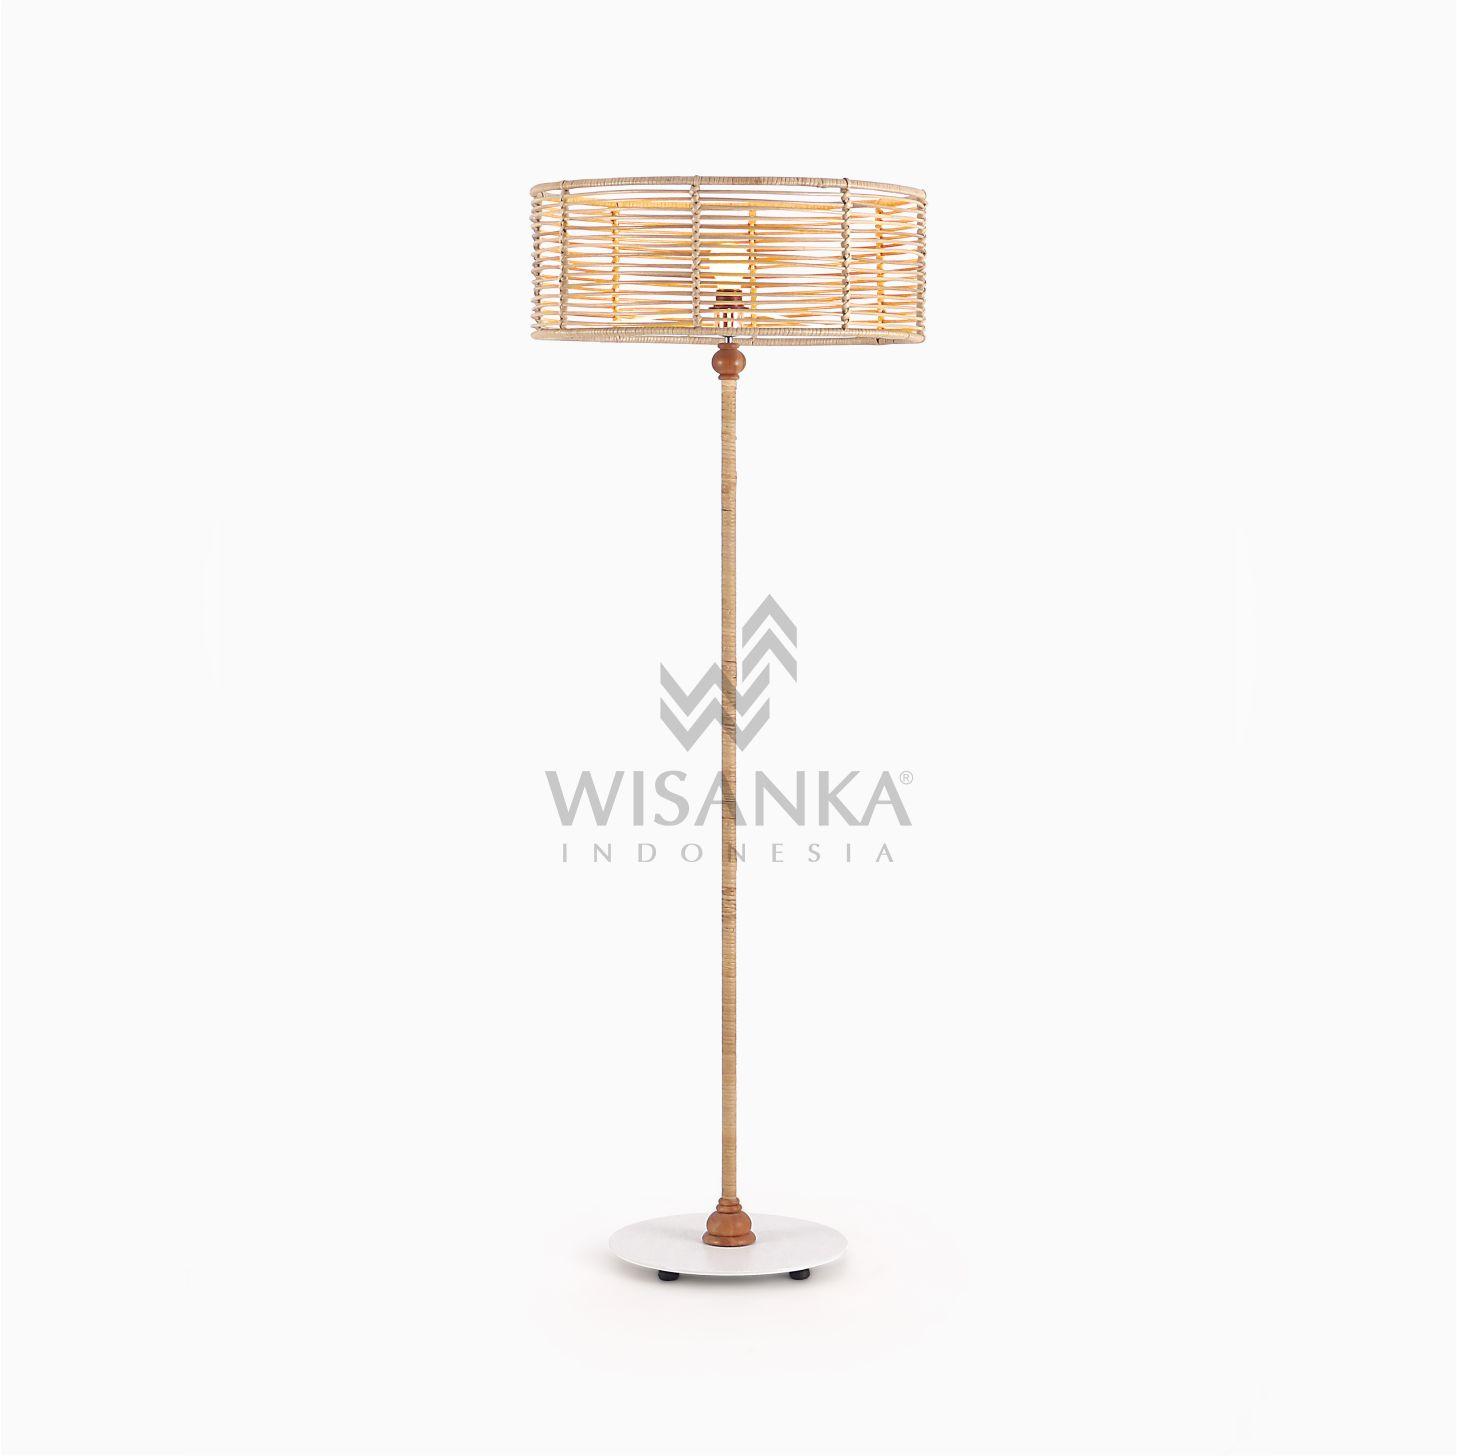 Kasya Rattan Wicker Floor Lamp Lighting For Living Home Decor